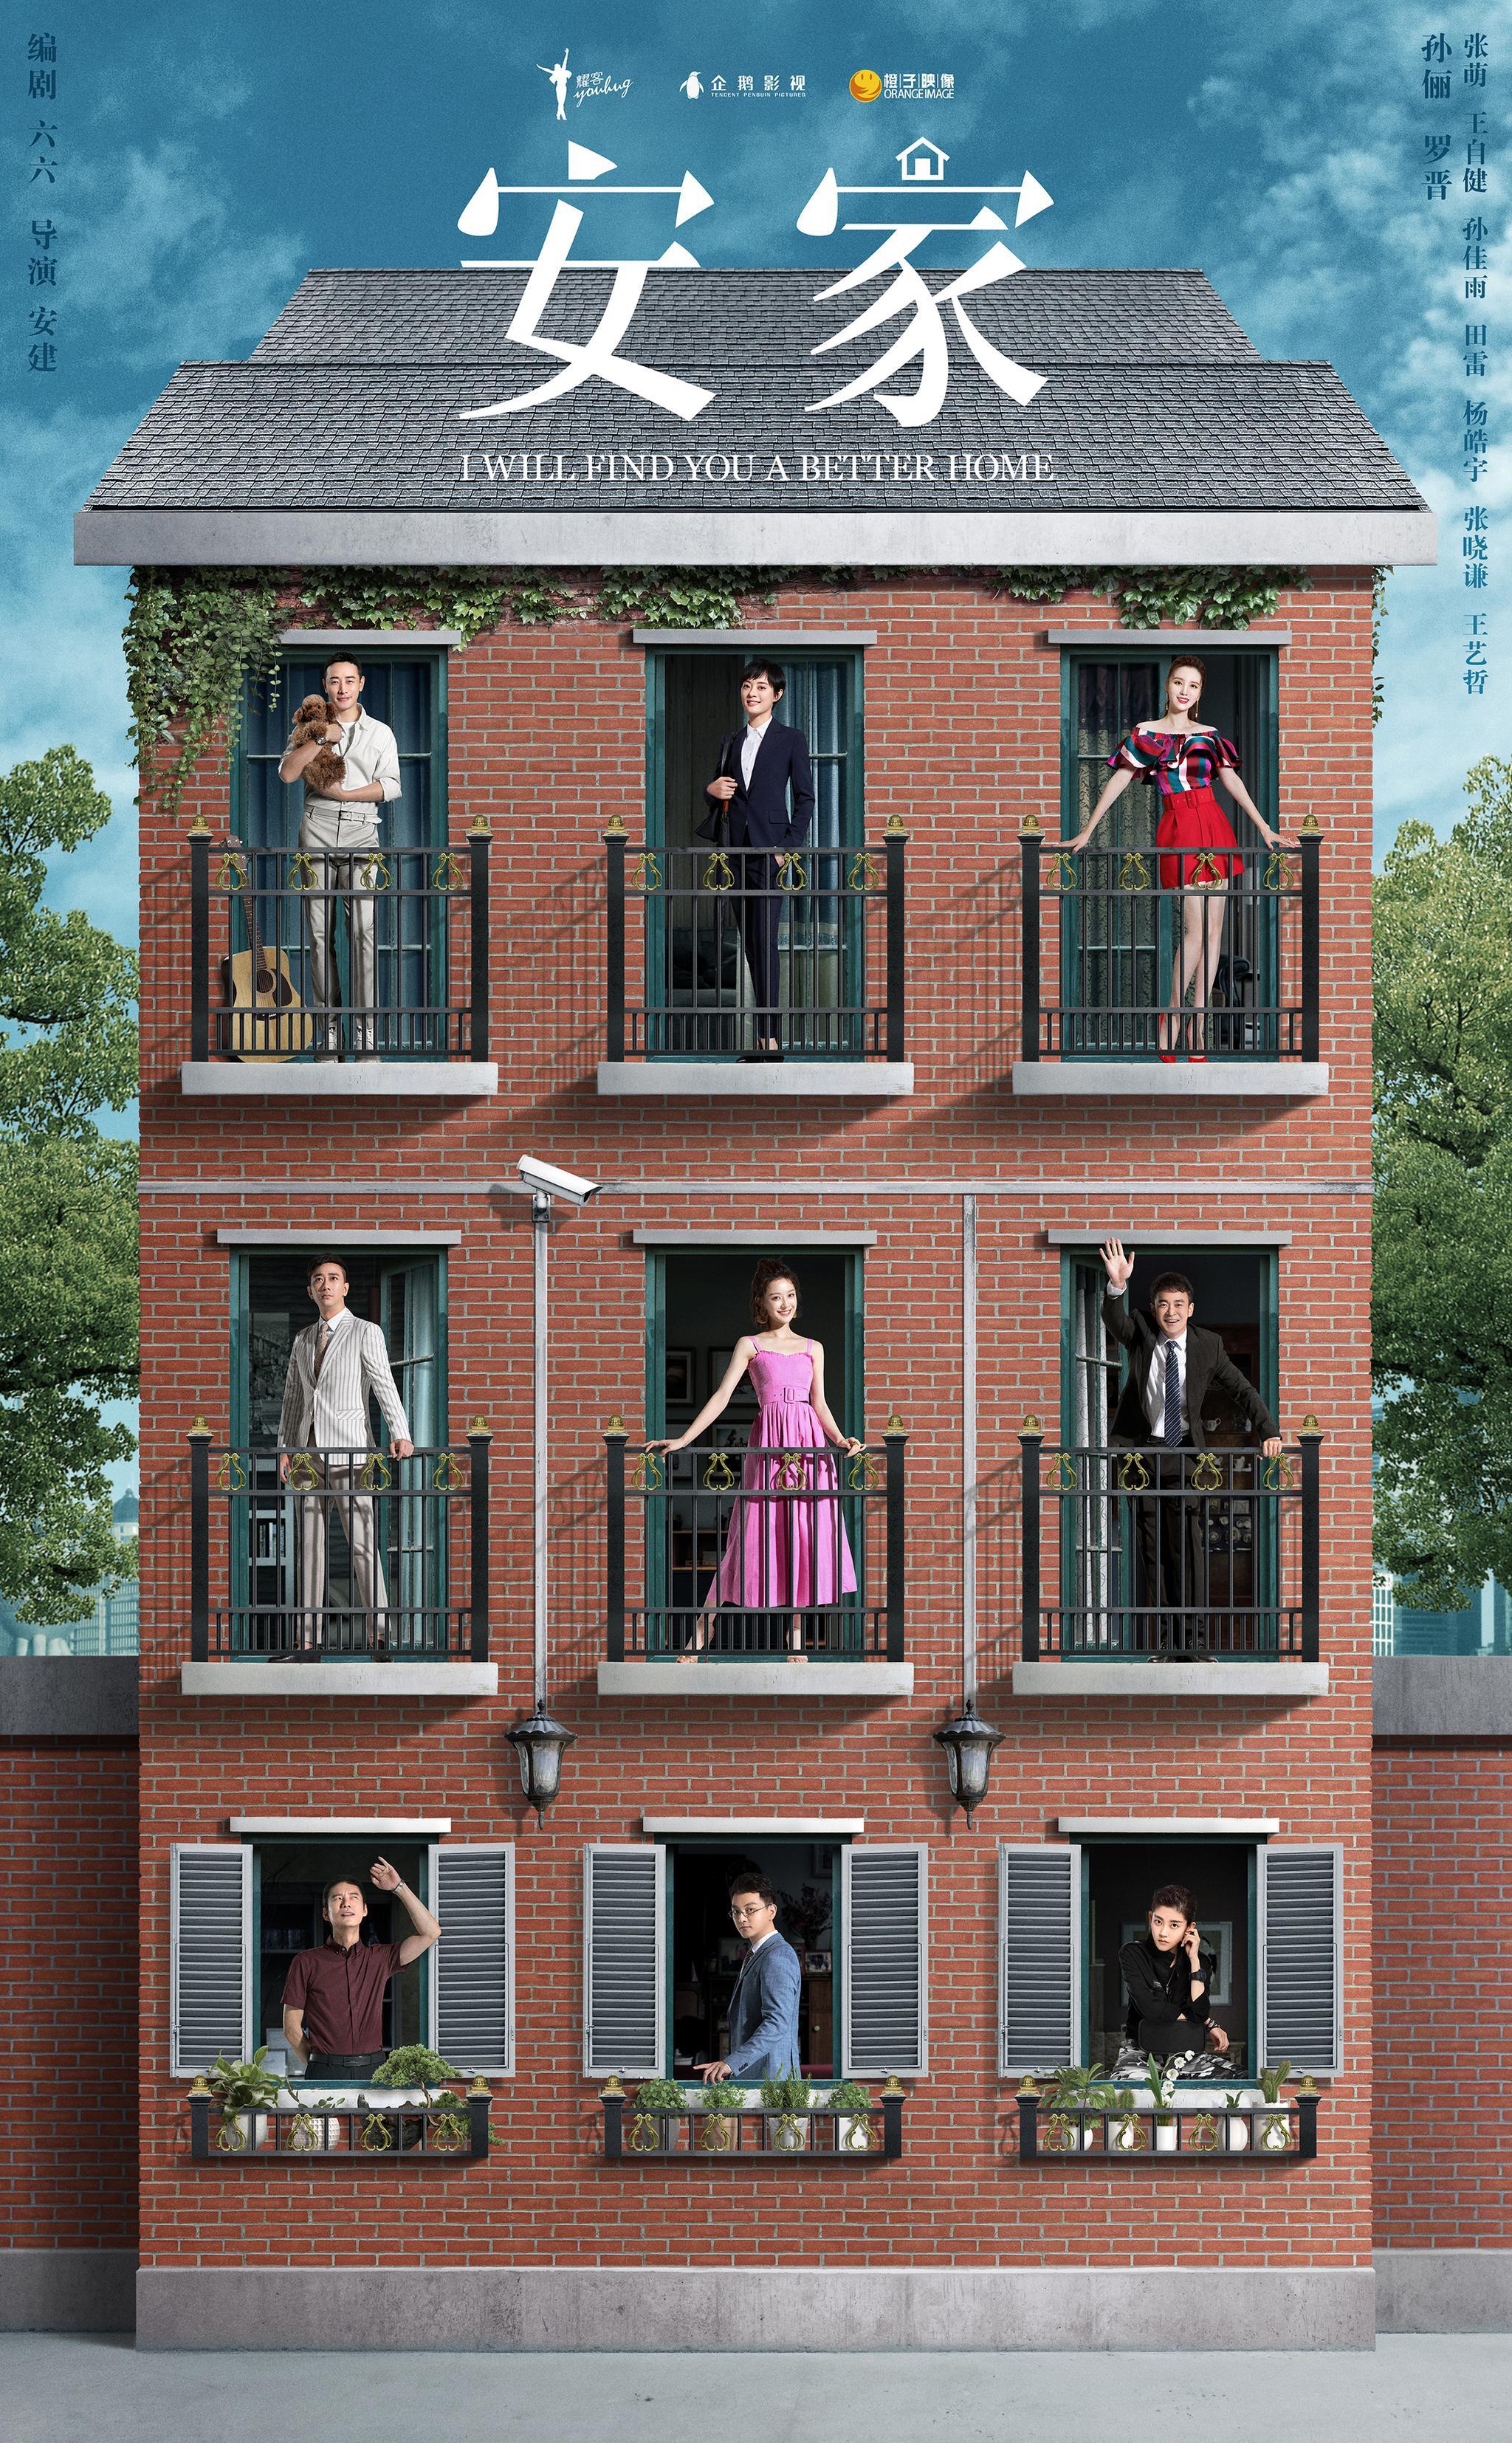 《安家》定档0221孙俪罗晋诠释房屋中介真实人生